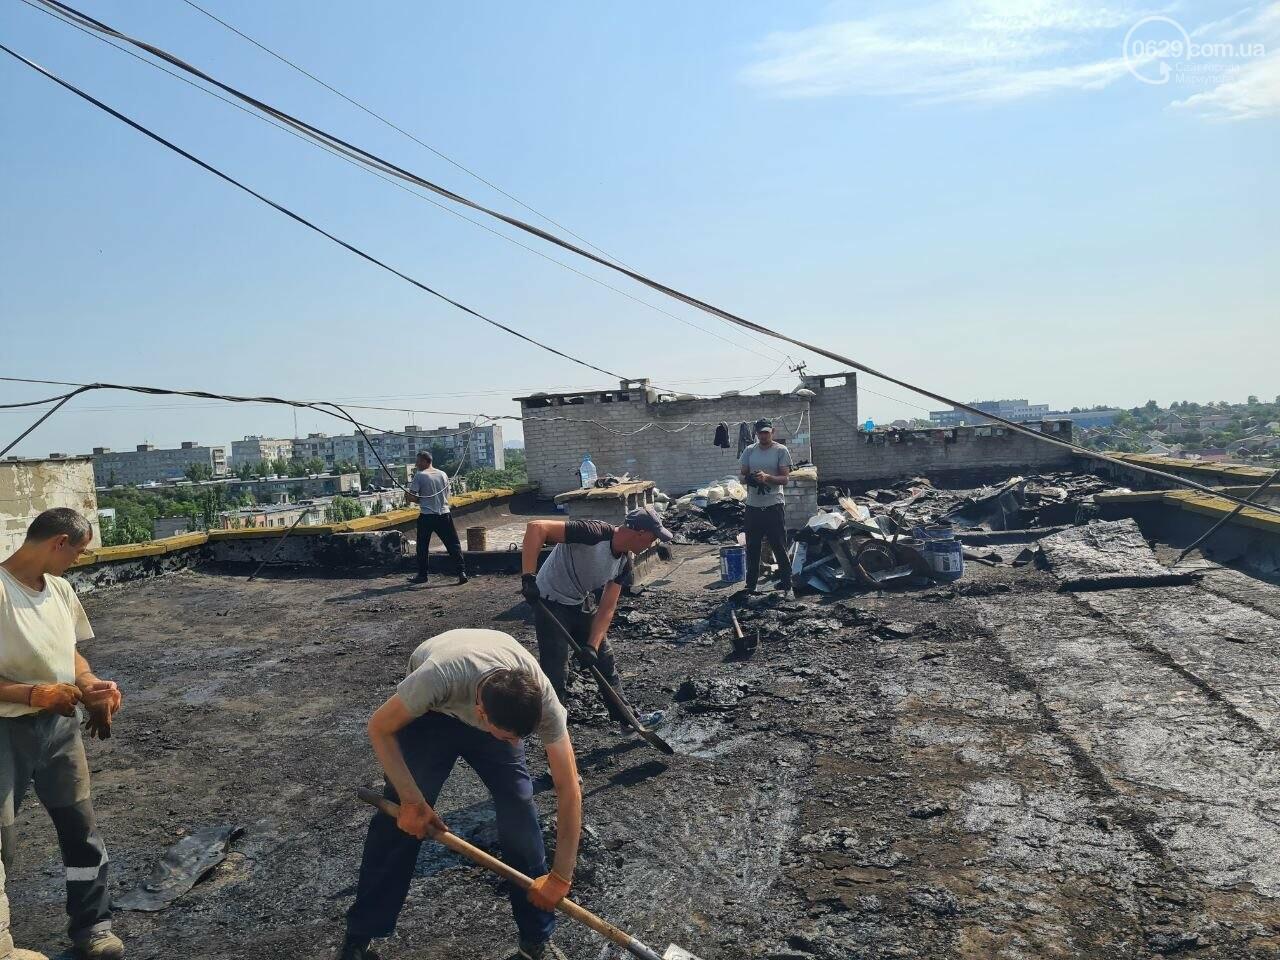 Эхо непогоды! В Мариуполе внепланово ремонтируют пострадавшую от ливня многоэтажку, - ФОТО, фото-8